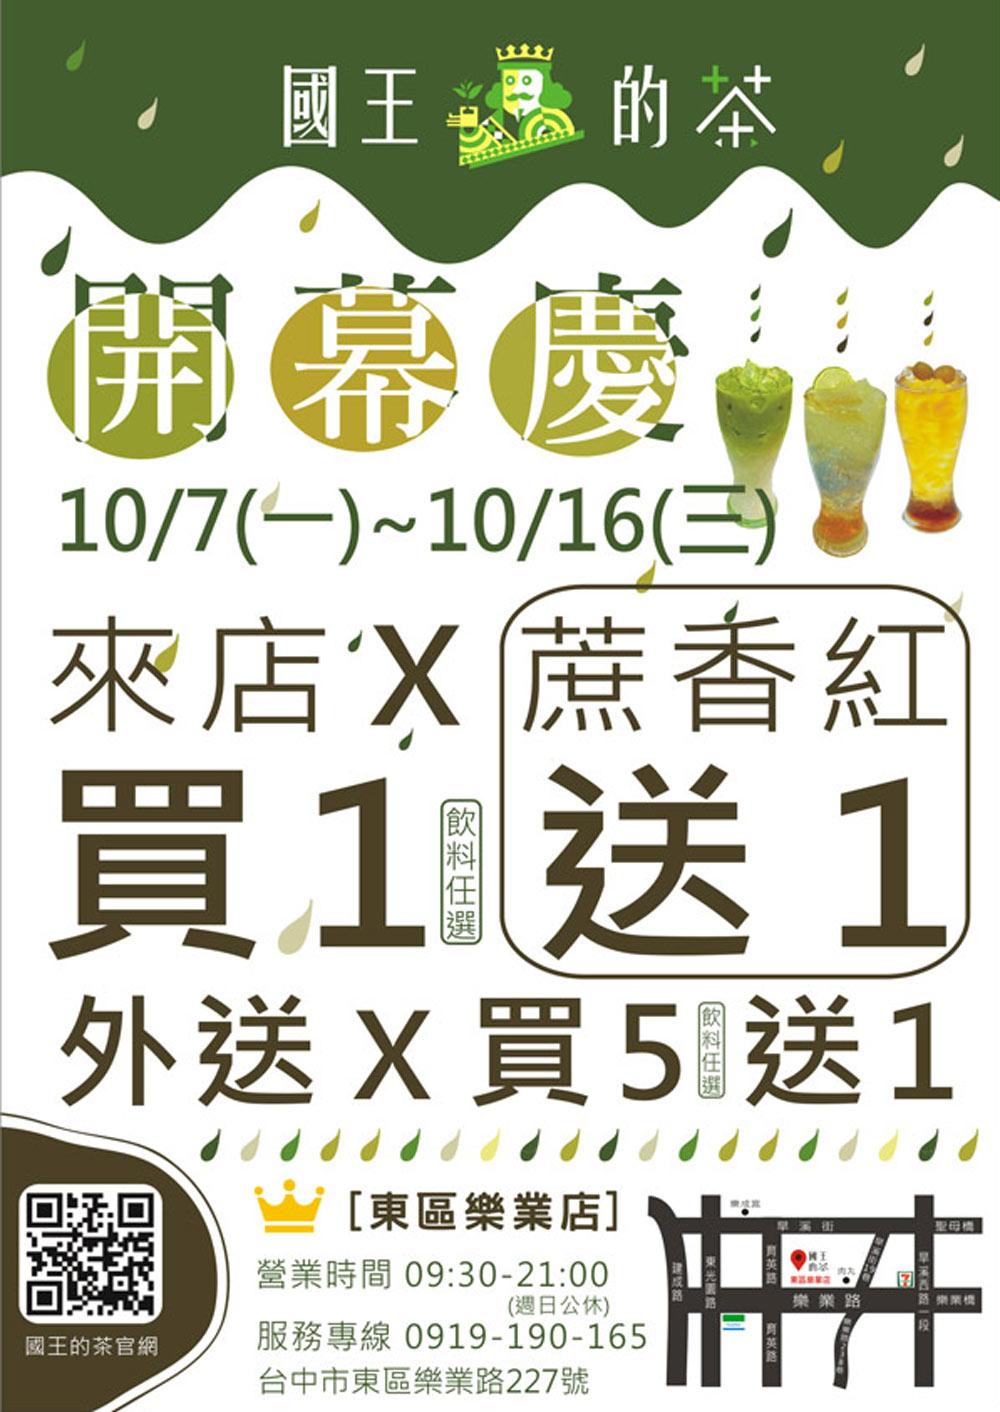 歡慶國王的茶【東區樂業店】即將開幕,快點開看看有什麼好康優惠等你呢~